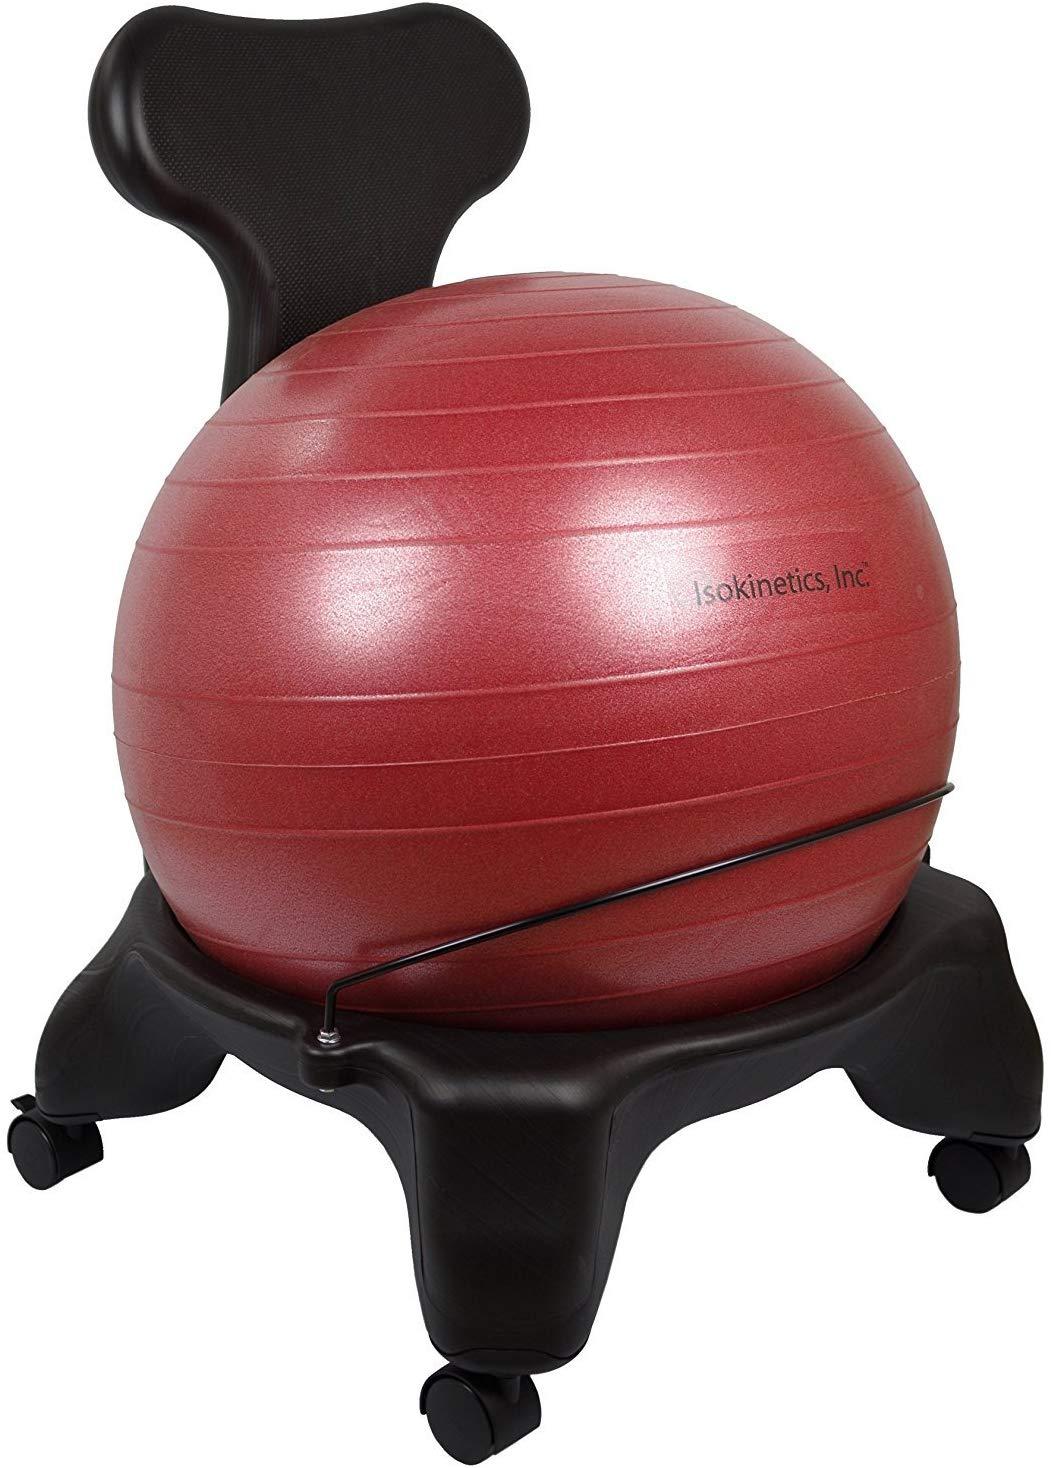 Isokinetics Inc. Exercise Ball